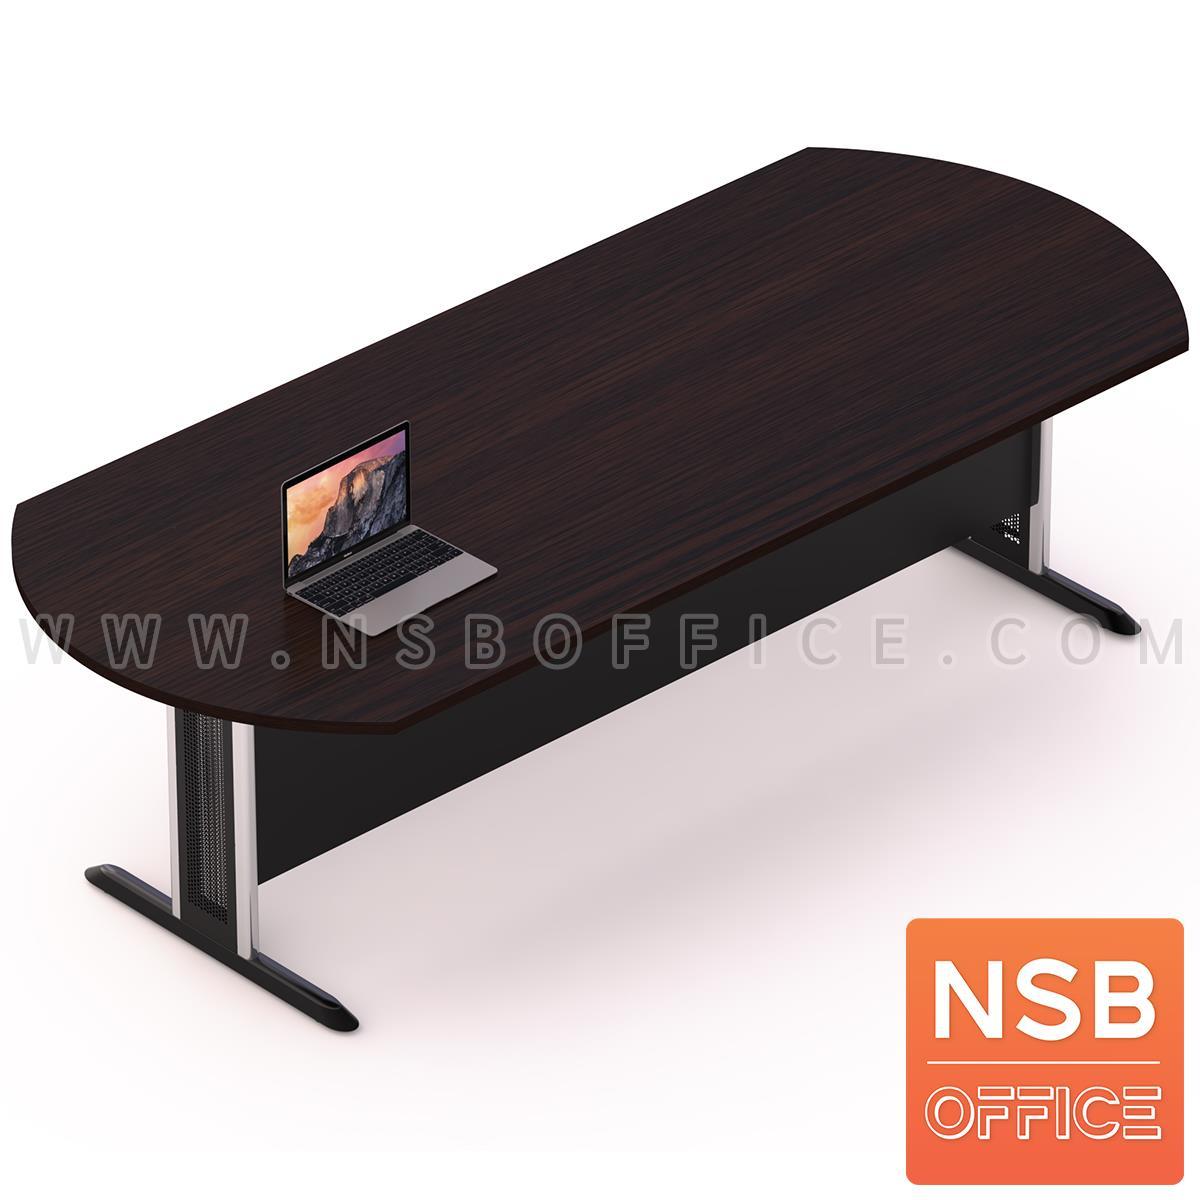 A05A139:โต๊ะประชุมทรงเหลี่ยมหัวโค้ง  180W, 200W, 240W cm. ระบบคานไม้ ขาเหล็กตัวที